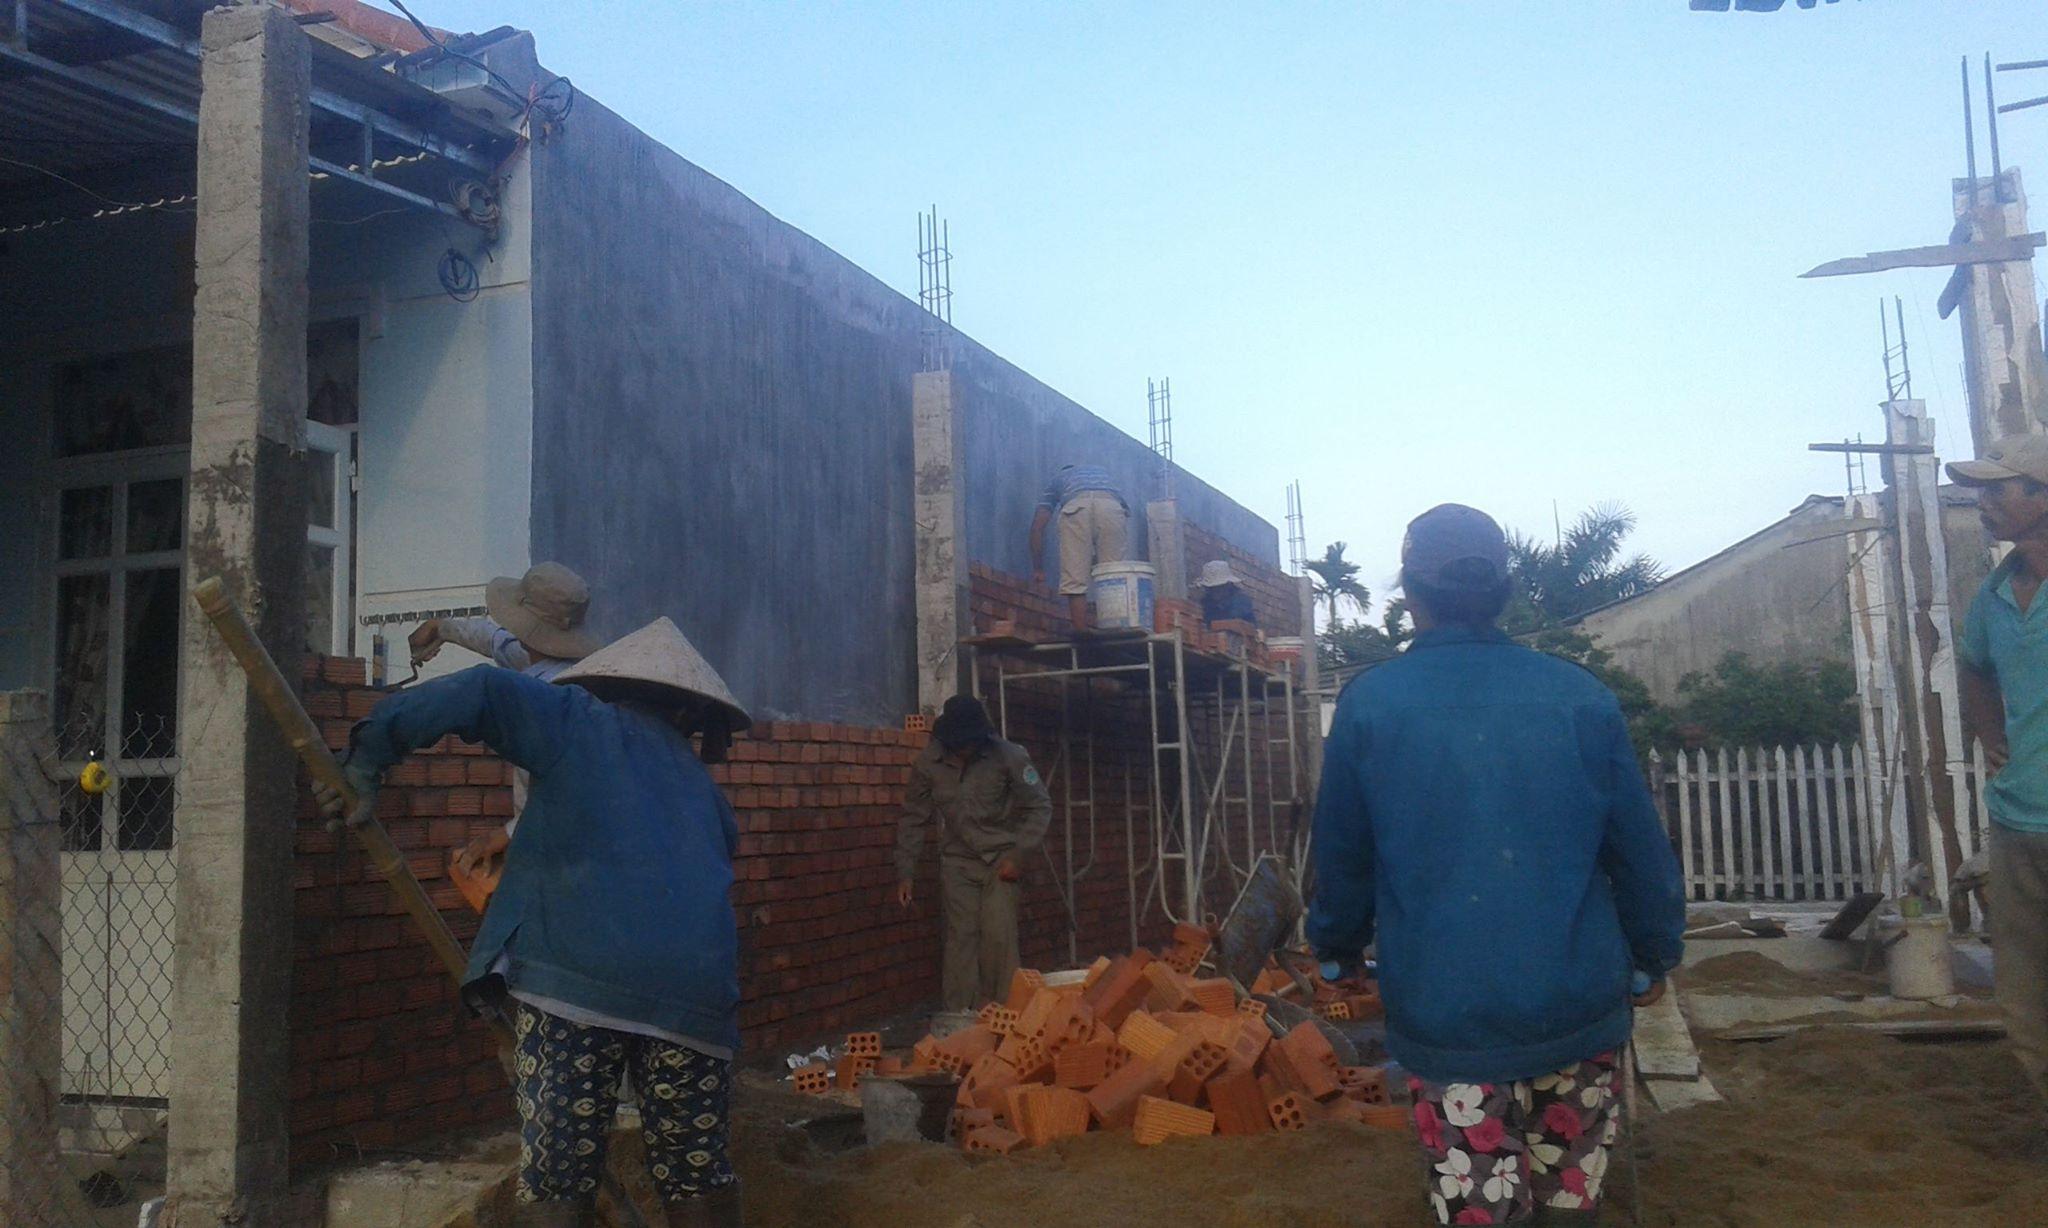 Quá trình thi công xây dựng thực tế của Quang Phúc